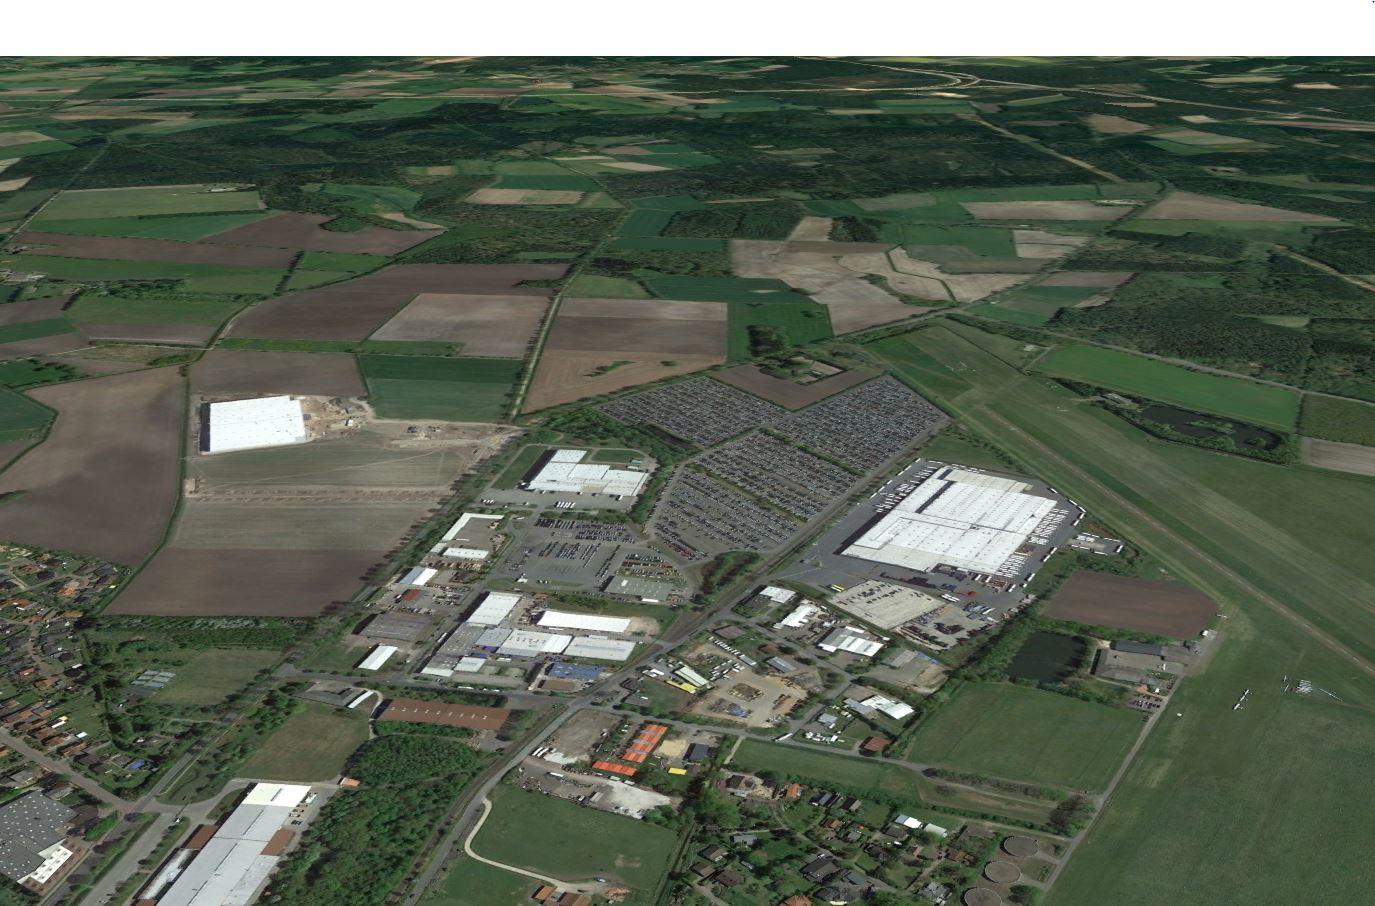 Vorschaubild Foto - Luftbild.jpg